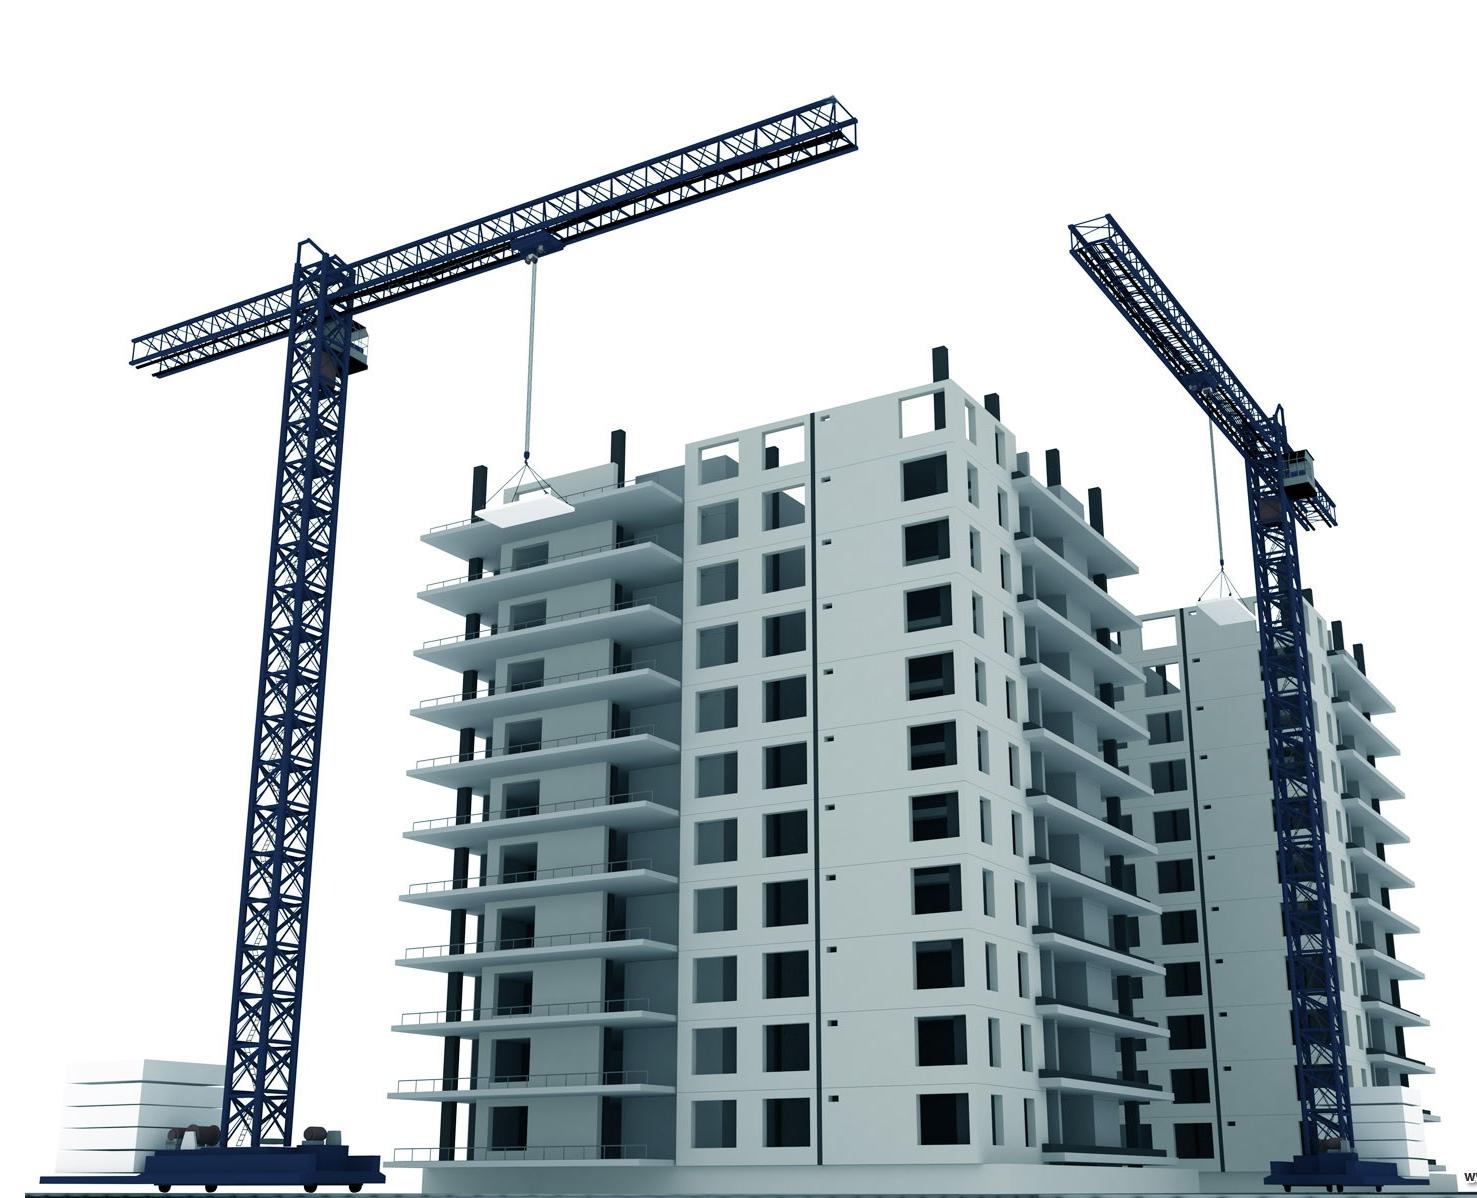 ehitusele